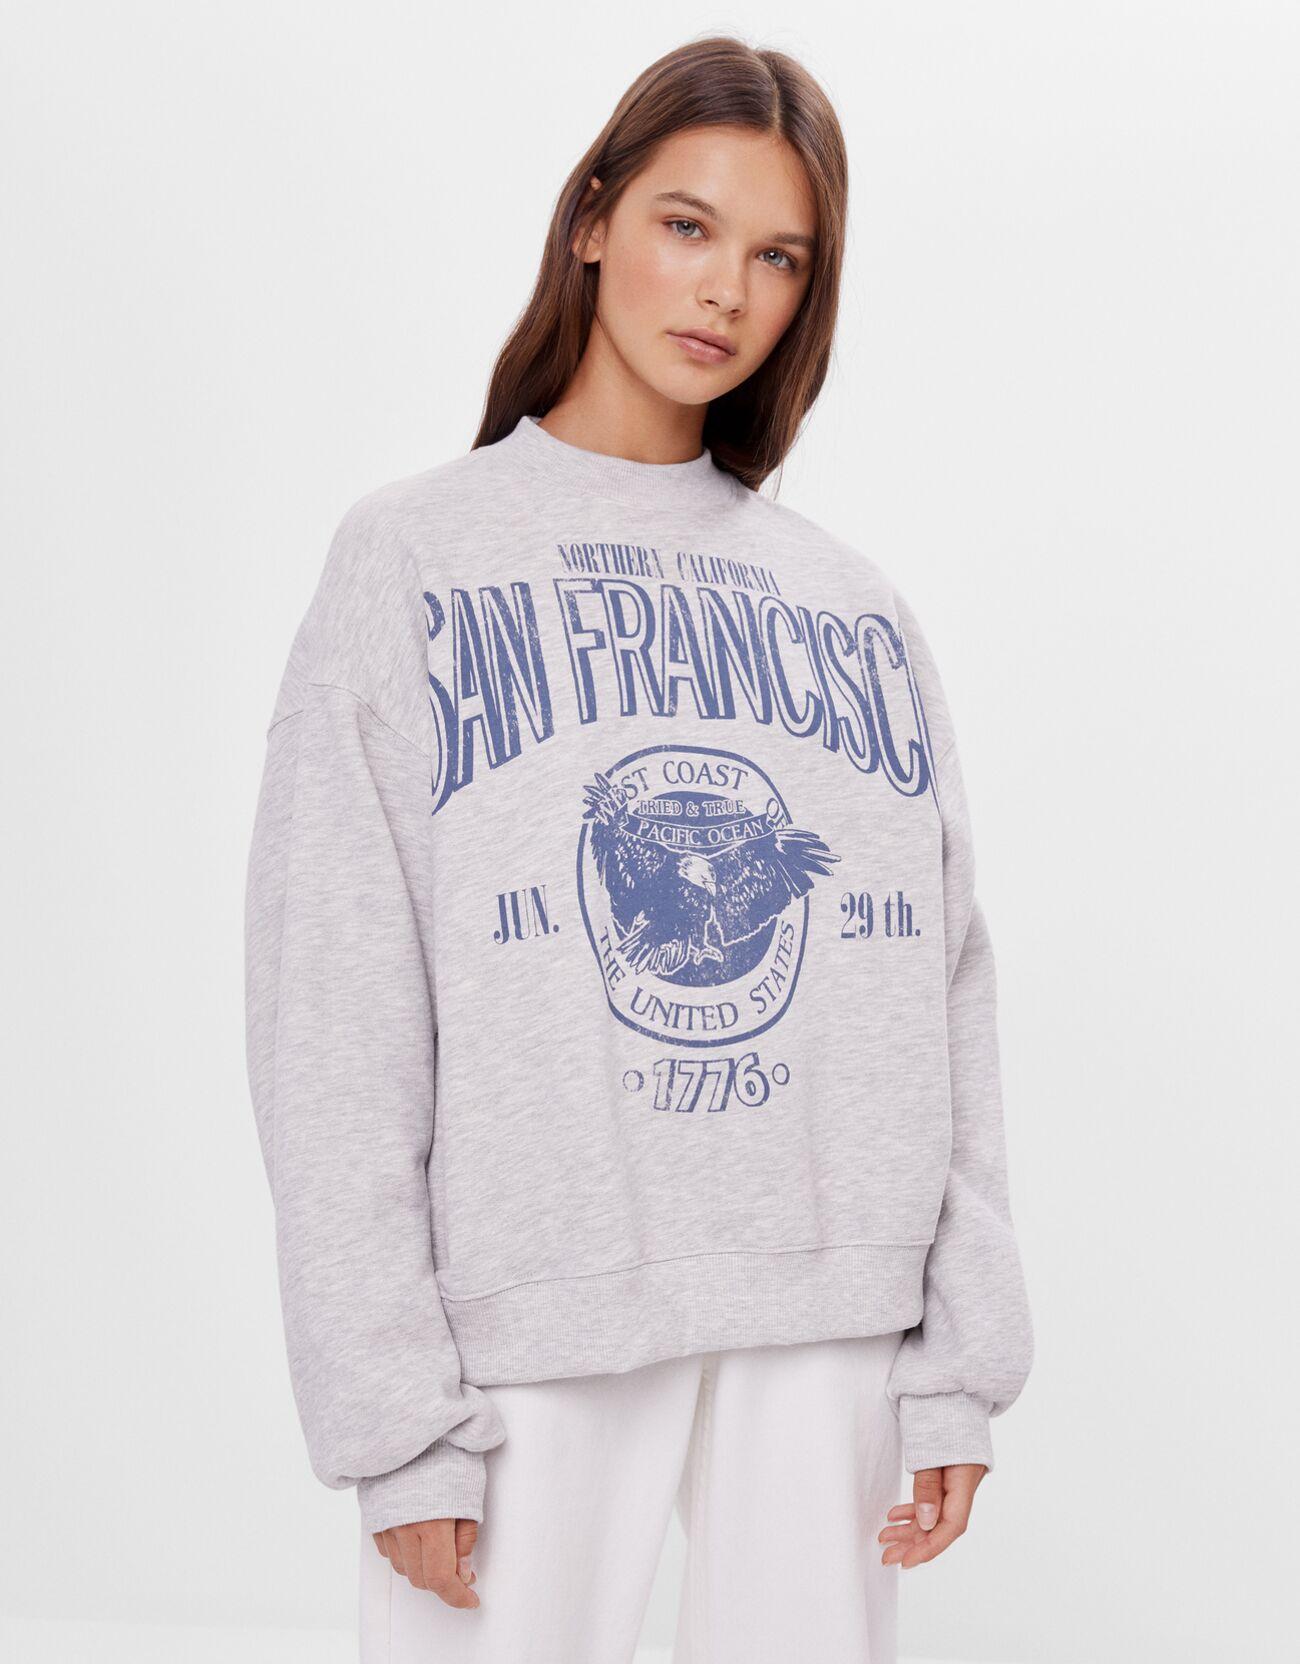 Sudadera con estampado de San Francisco